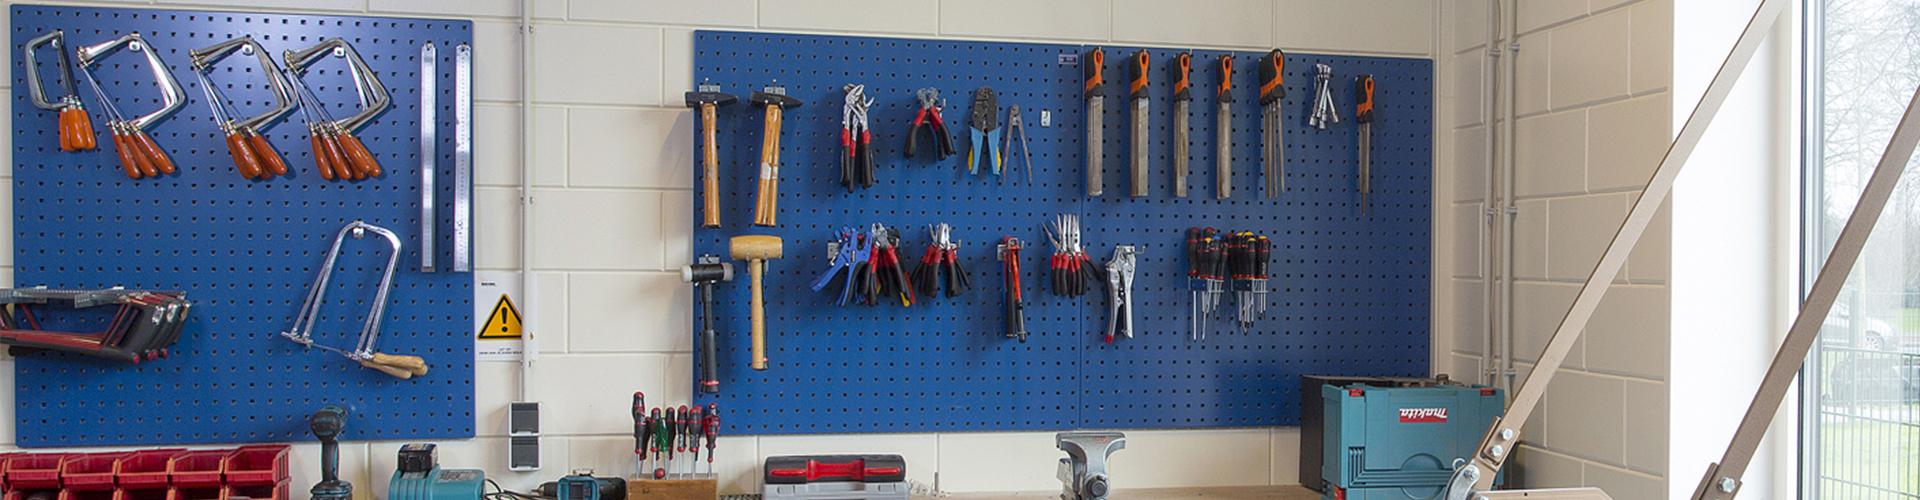 Werkplaats-shop.nl gereedschapsbord met ophanghaken